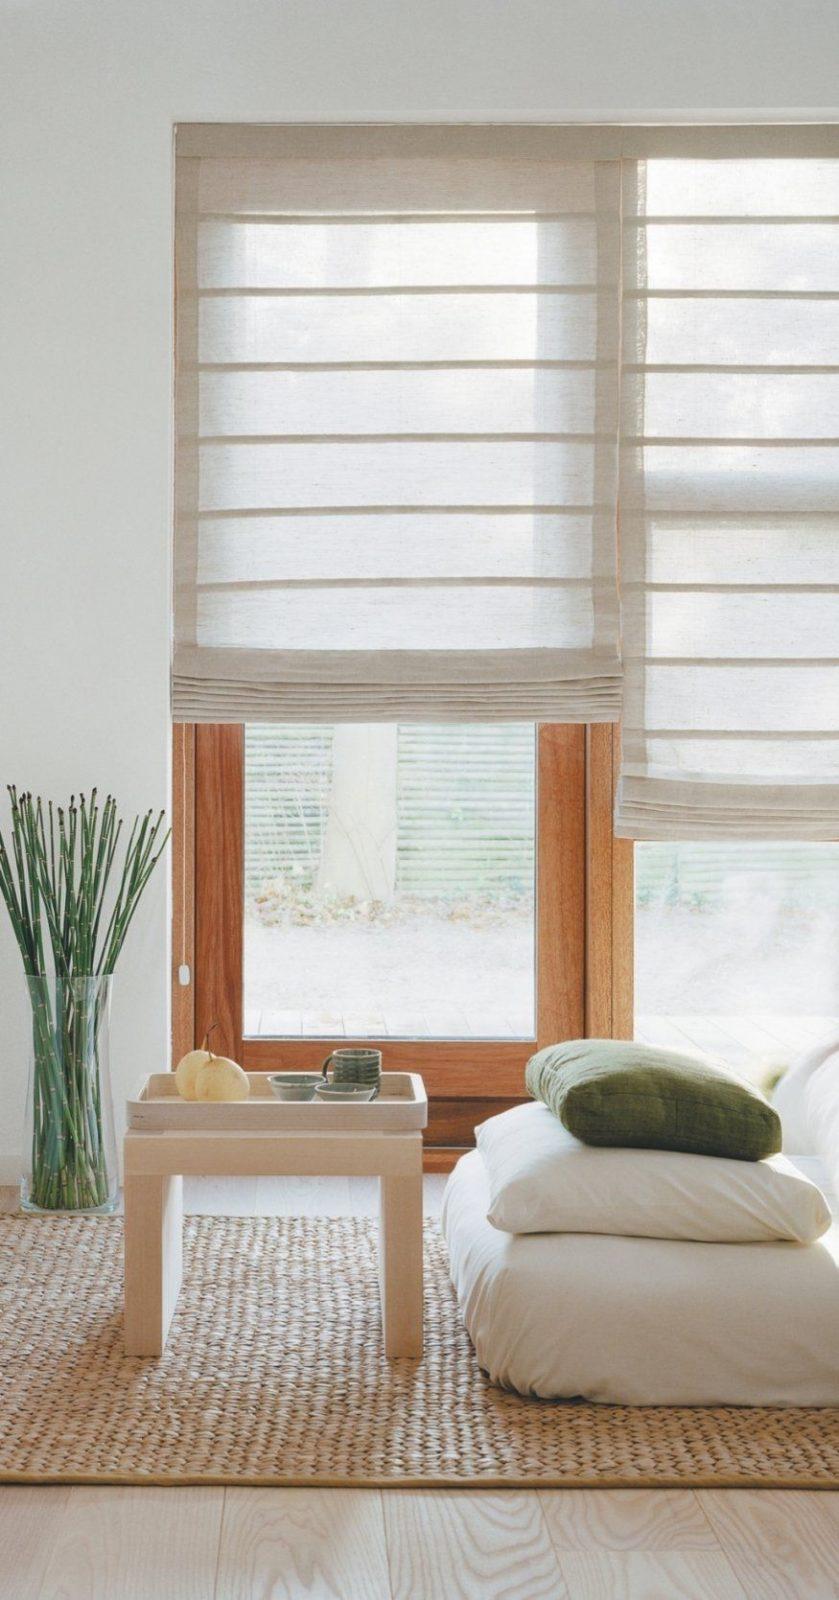 Gardinen Ohne Bohren Und Auch Fabelhaft Babyzimmer Dekoration von Gardinenbefestigung Am Fenster Ohne Bohren Bild